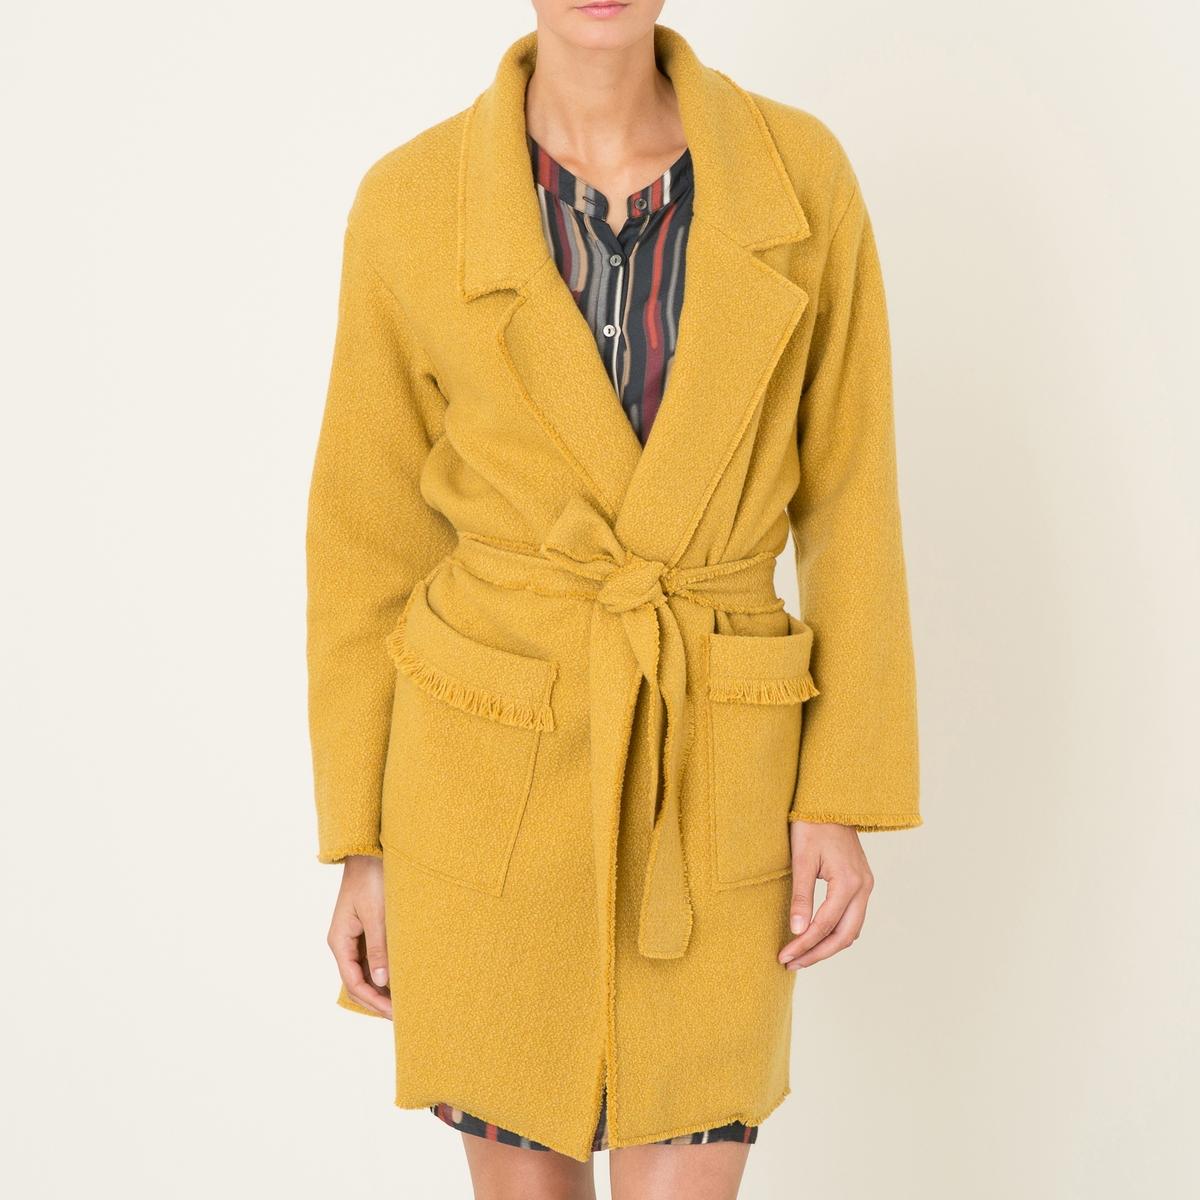 Пальто средней длины PONTOПальто DIEGA - модель PONTO средней длины. Пальто струящегося покроя в форме пеньюара. Окантовка в тон. Пиджачный воротник. 2 накладных кармана. Носить с поясом. Состав и описание Материал : 70% шерсти, 25% полиэстера, 5% других волоконМарка : DIEGA<br><br>Цвет: желтый